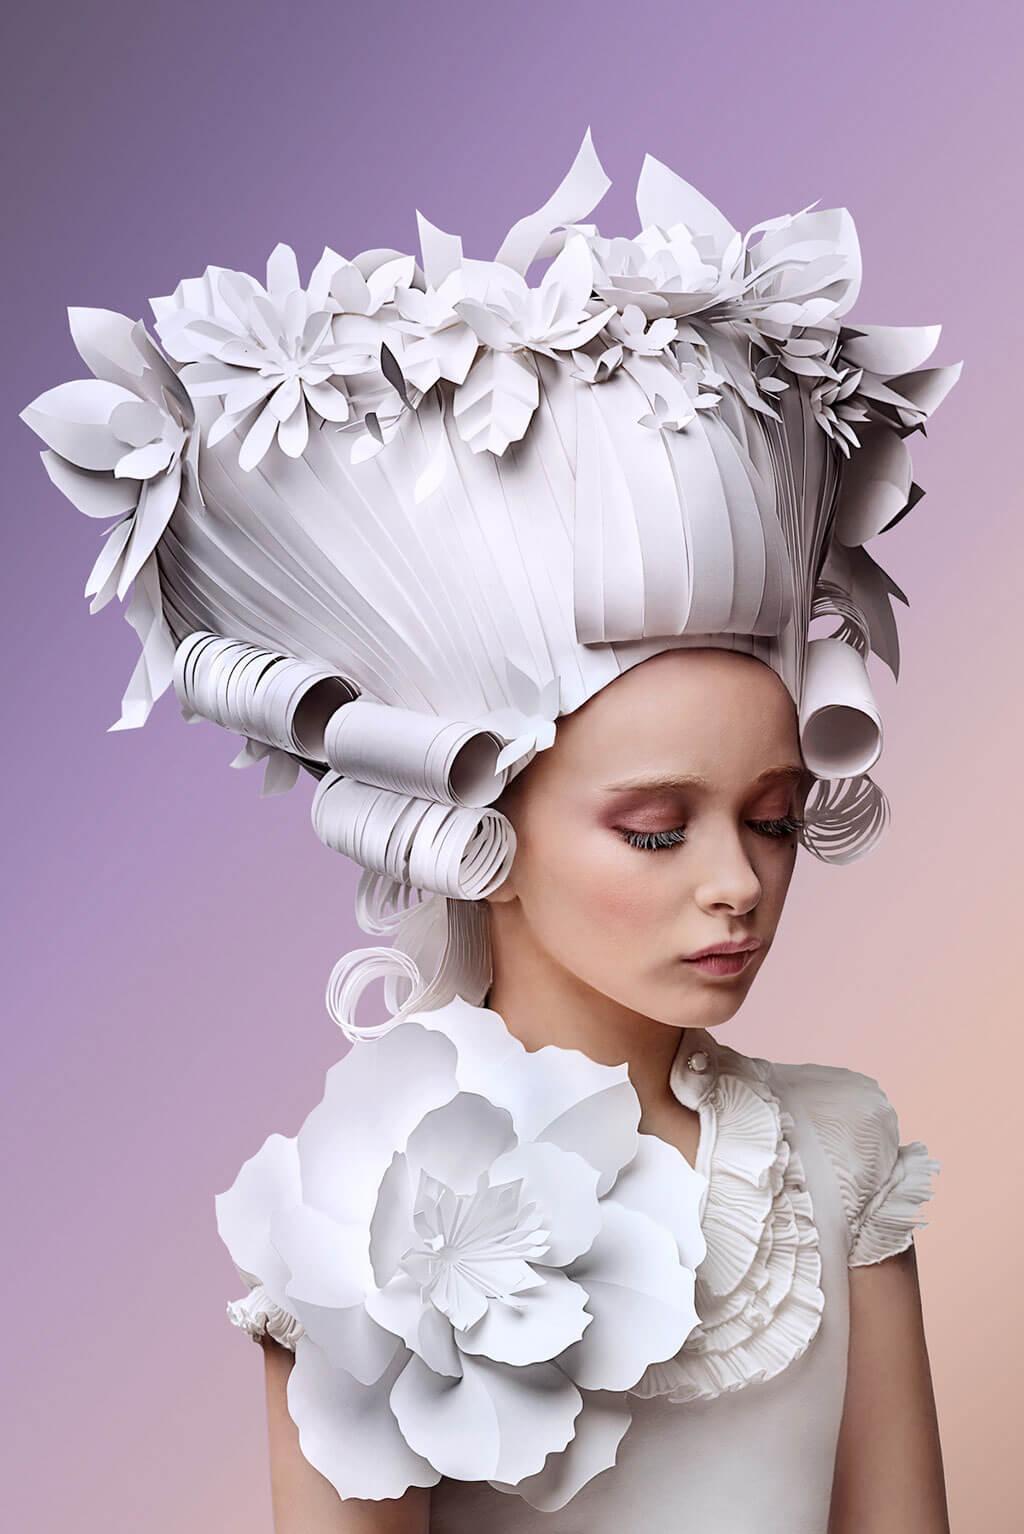 Asya Kozina and Dmitriy Kozin paper fashion